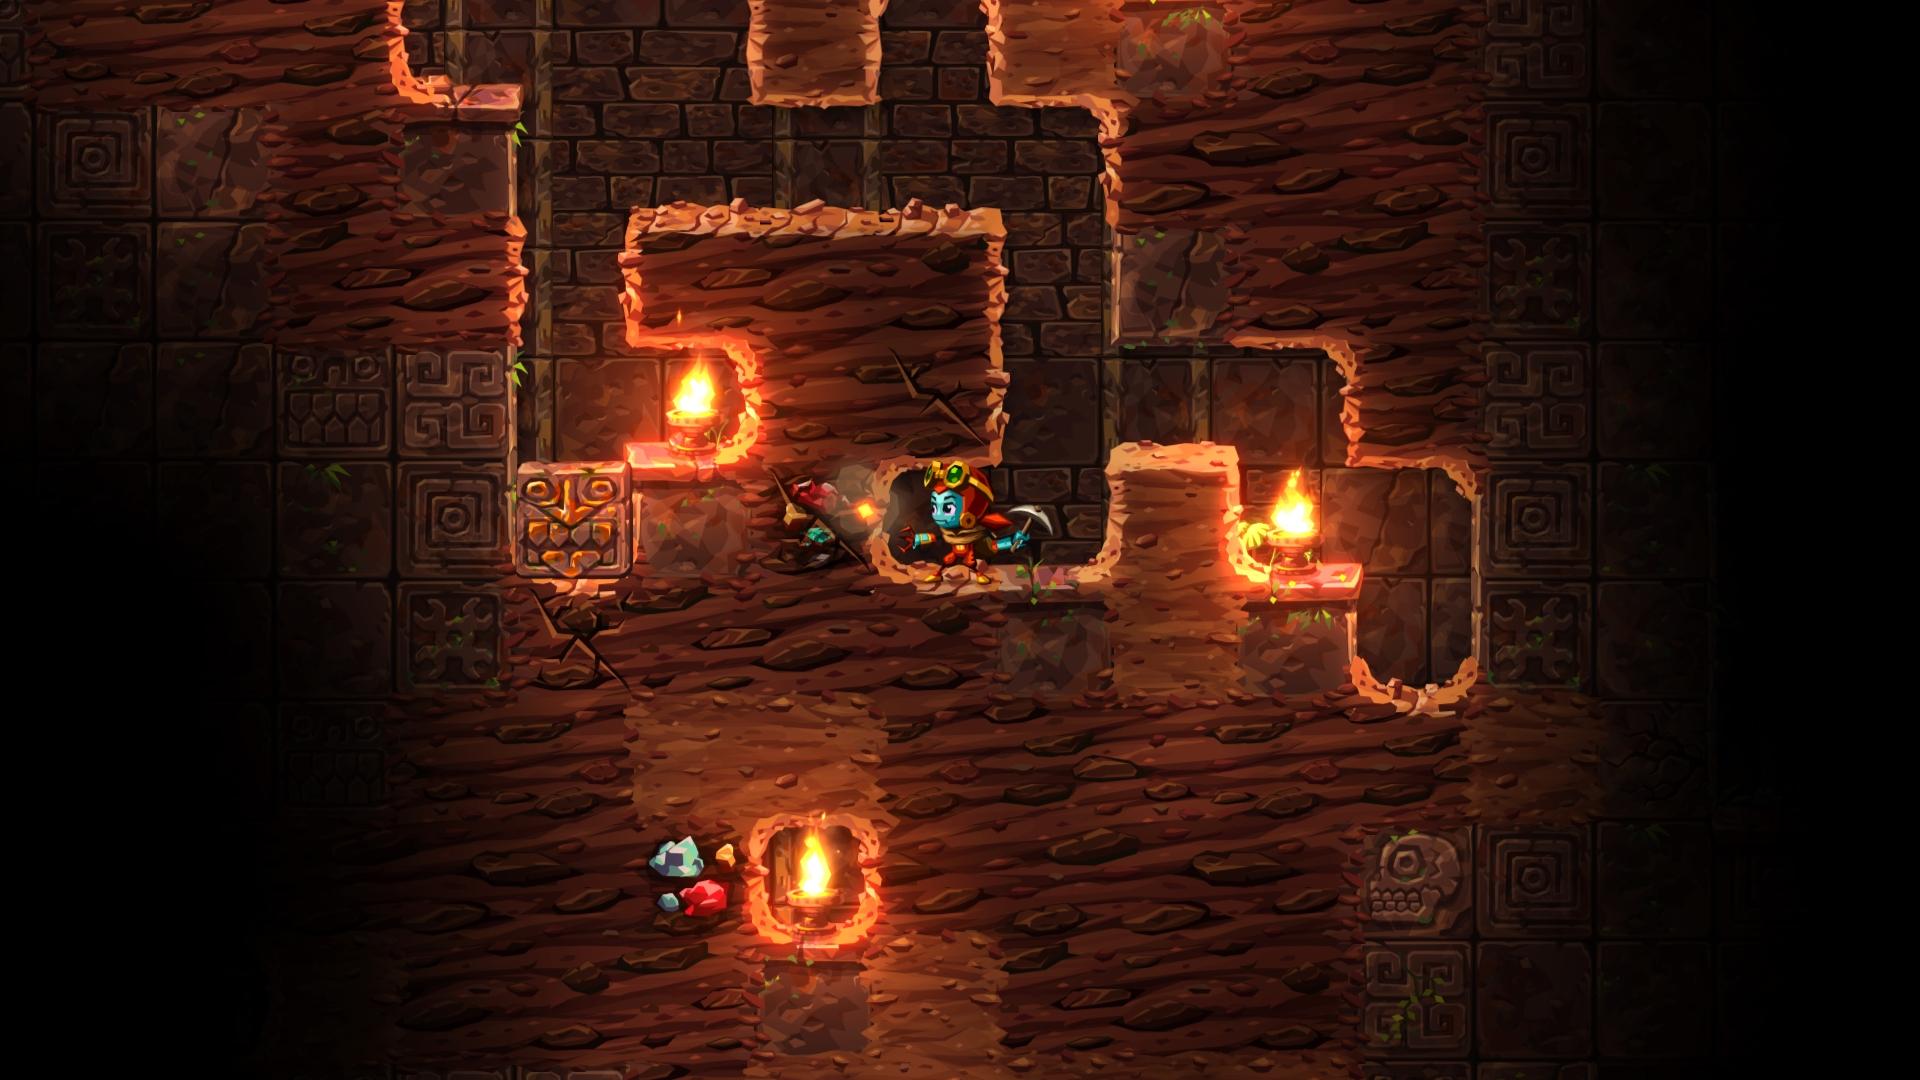 SteamWorld-Dig-2-Screenshot-8